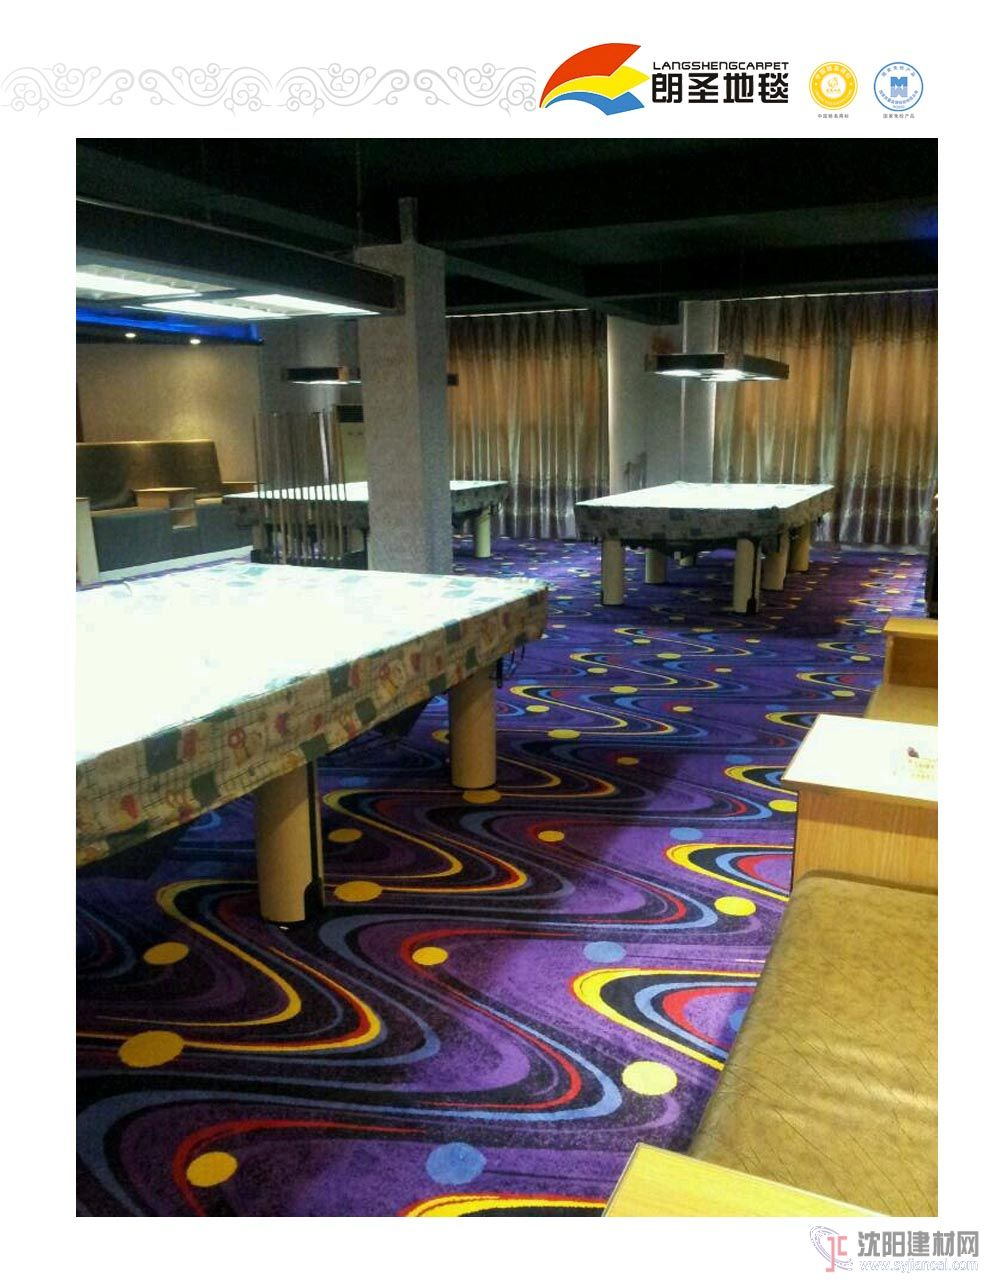 朗圣地毯,盘锦台球室现场实拍图